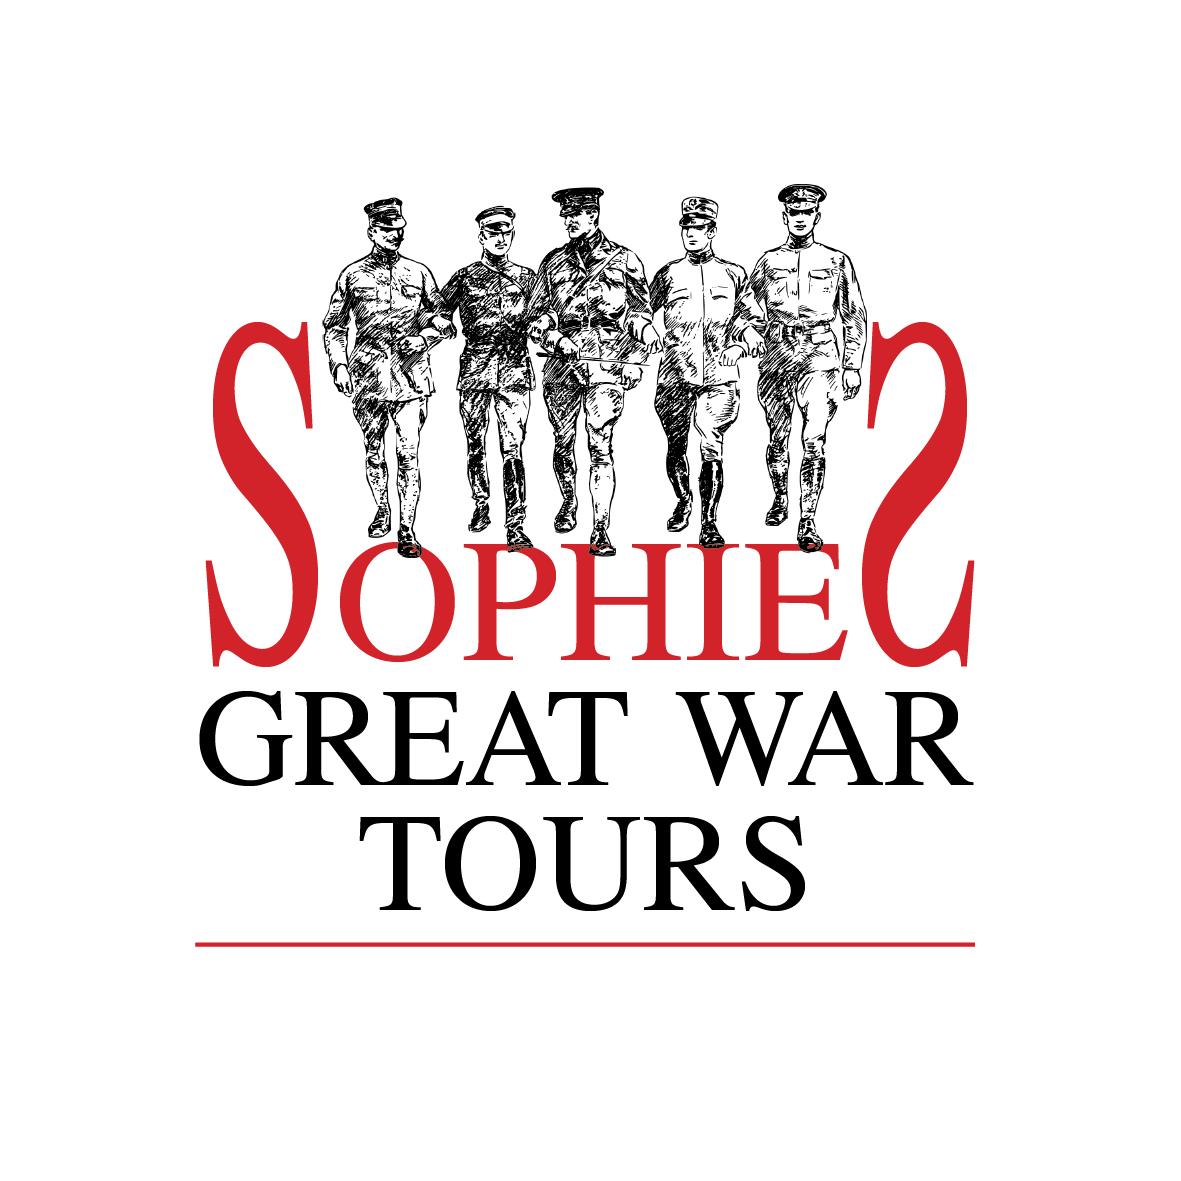 Sophies Great War Tours logo.jpg